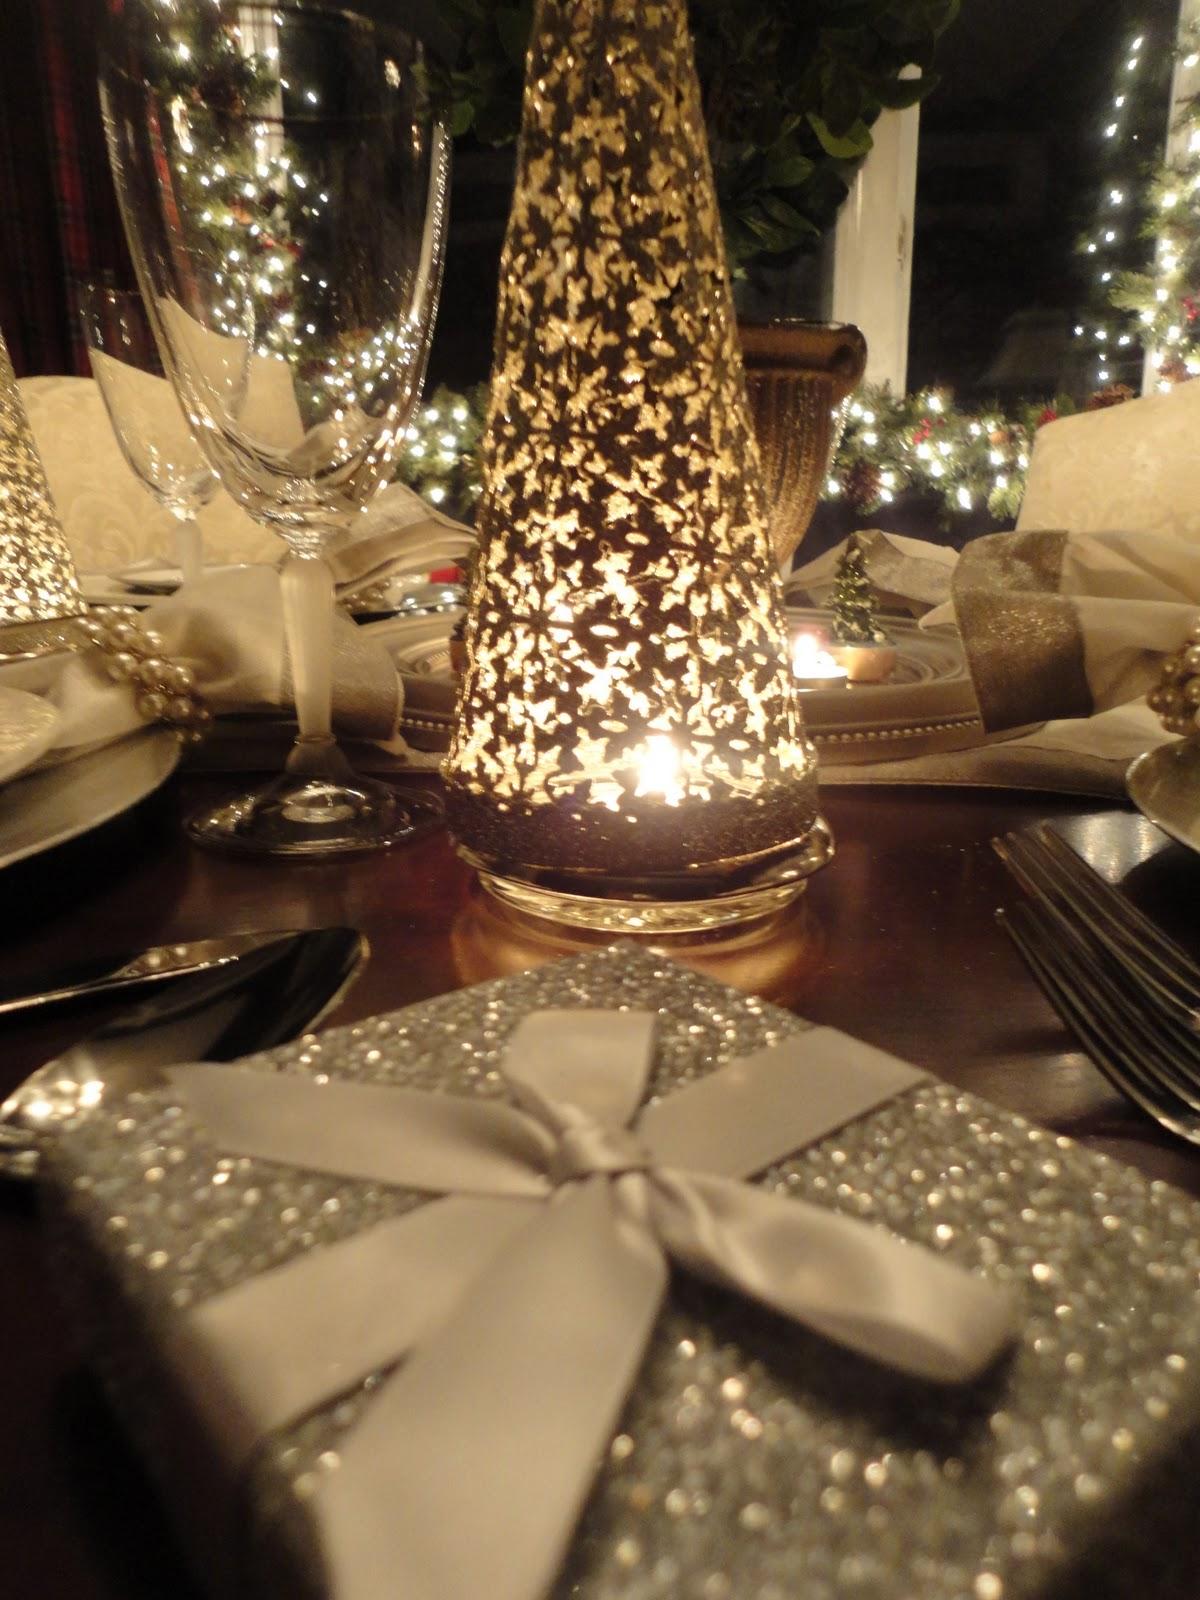 General Splendour Holiday Dining Room Ralph Lauren